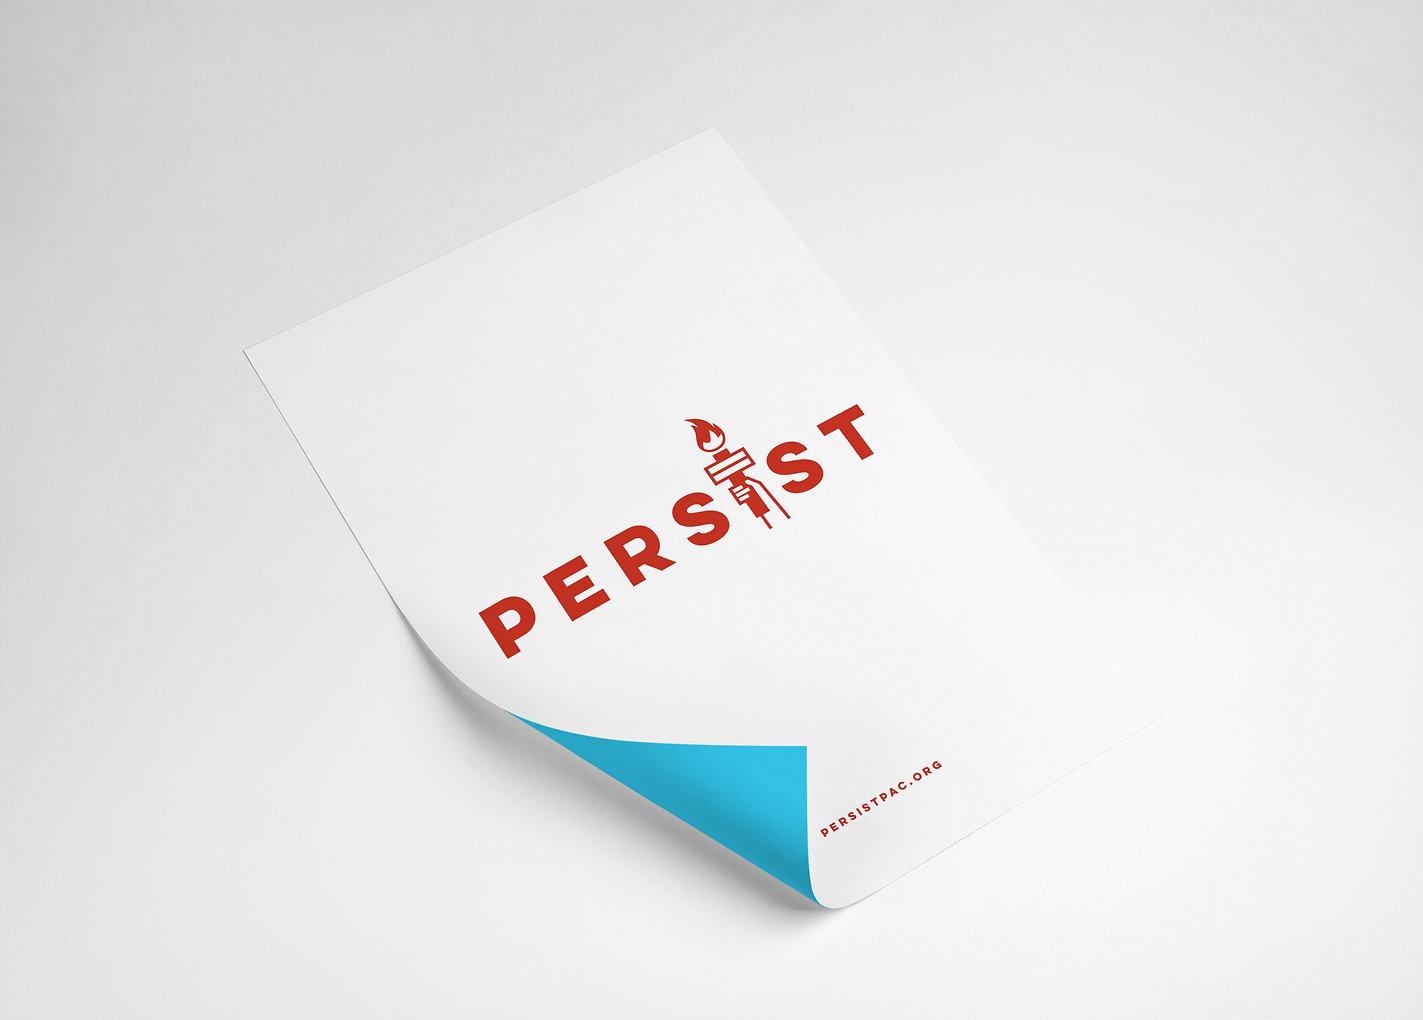 poster-persist.jpg